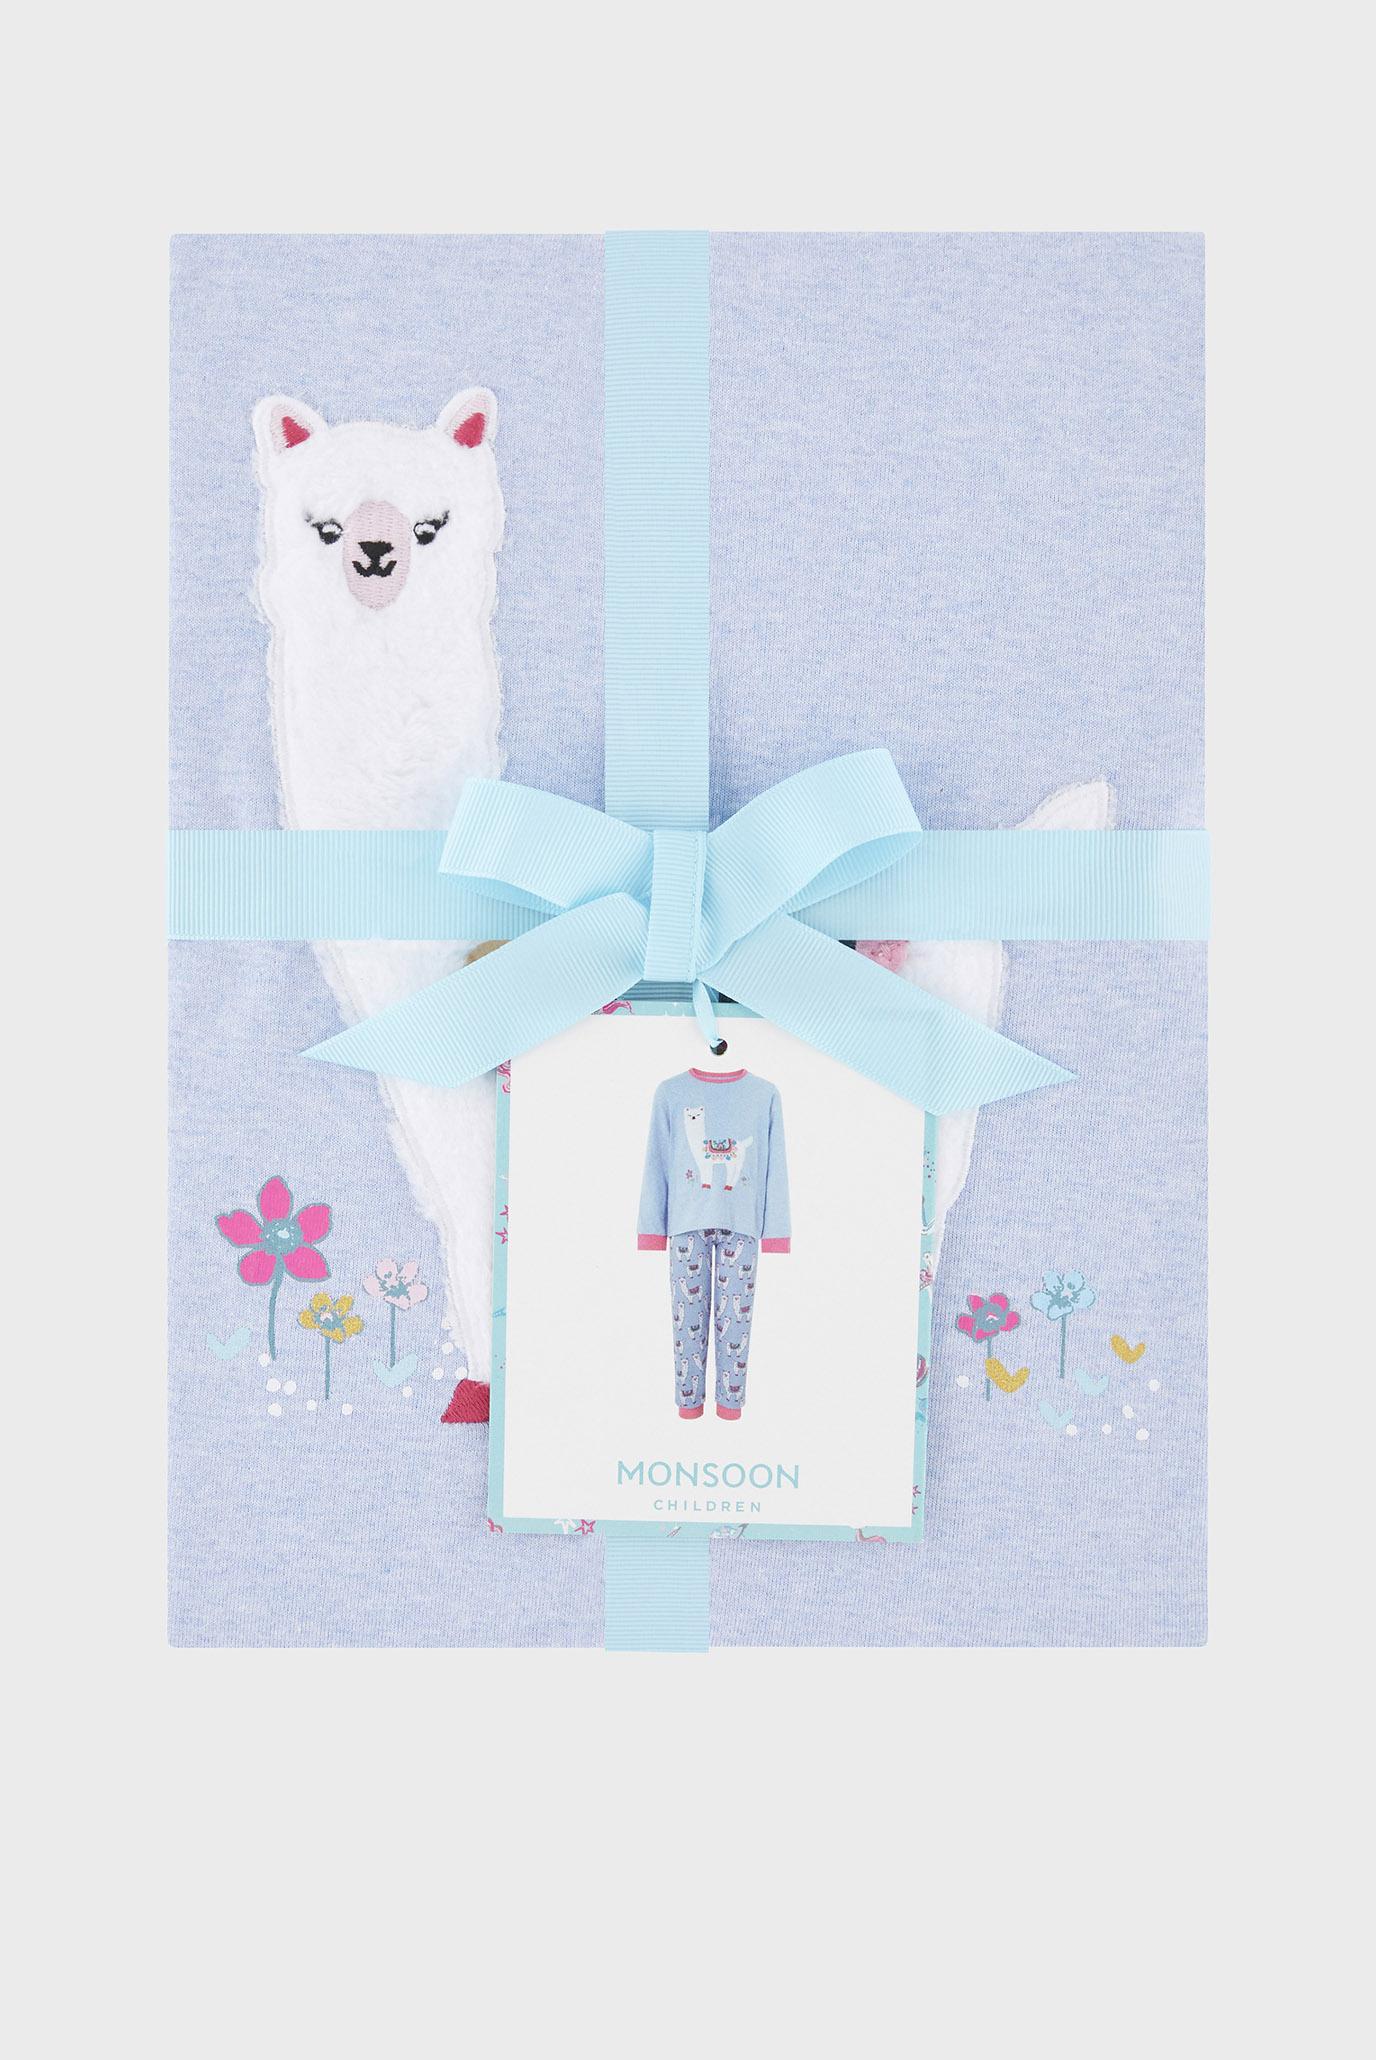 Купить Детская голубая пижама LIBBY LLAMA (свитшот, брюки) Monsoon Children Monsoon Children 514265 – Киев, Украина. Цены в интернет магазине MD Fashion